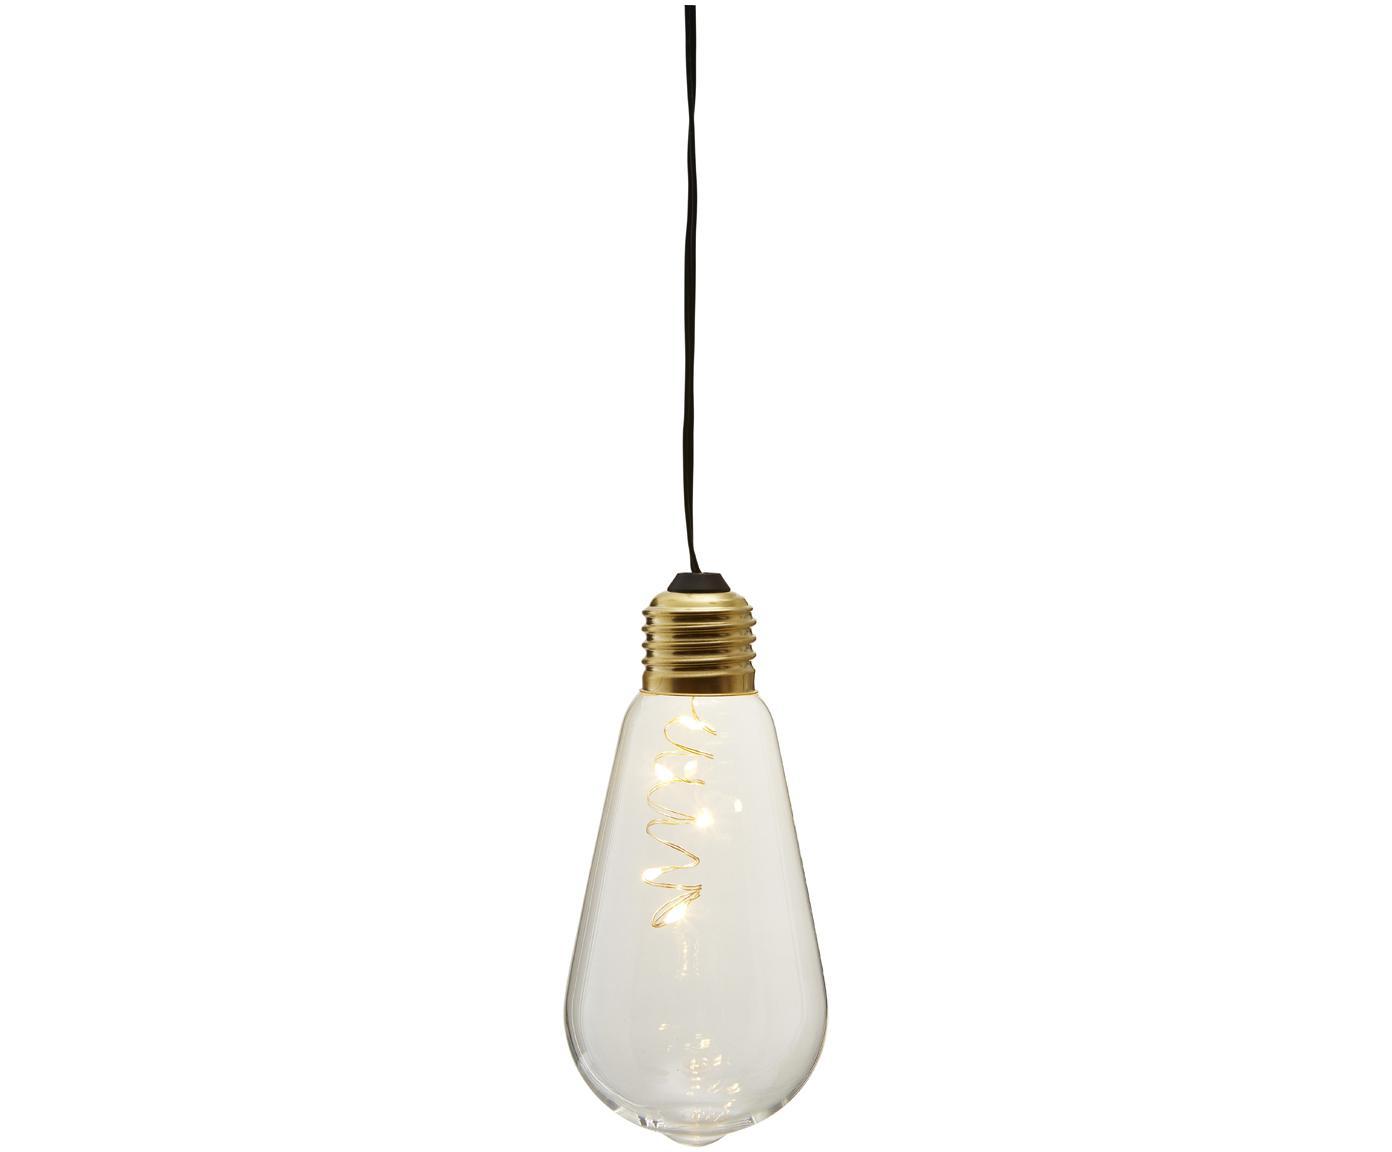 Lampa dekoracyjna Glow, Transparentny, Ø 6 x W 13 cm